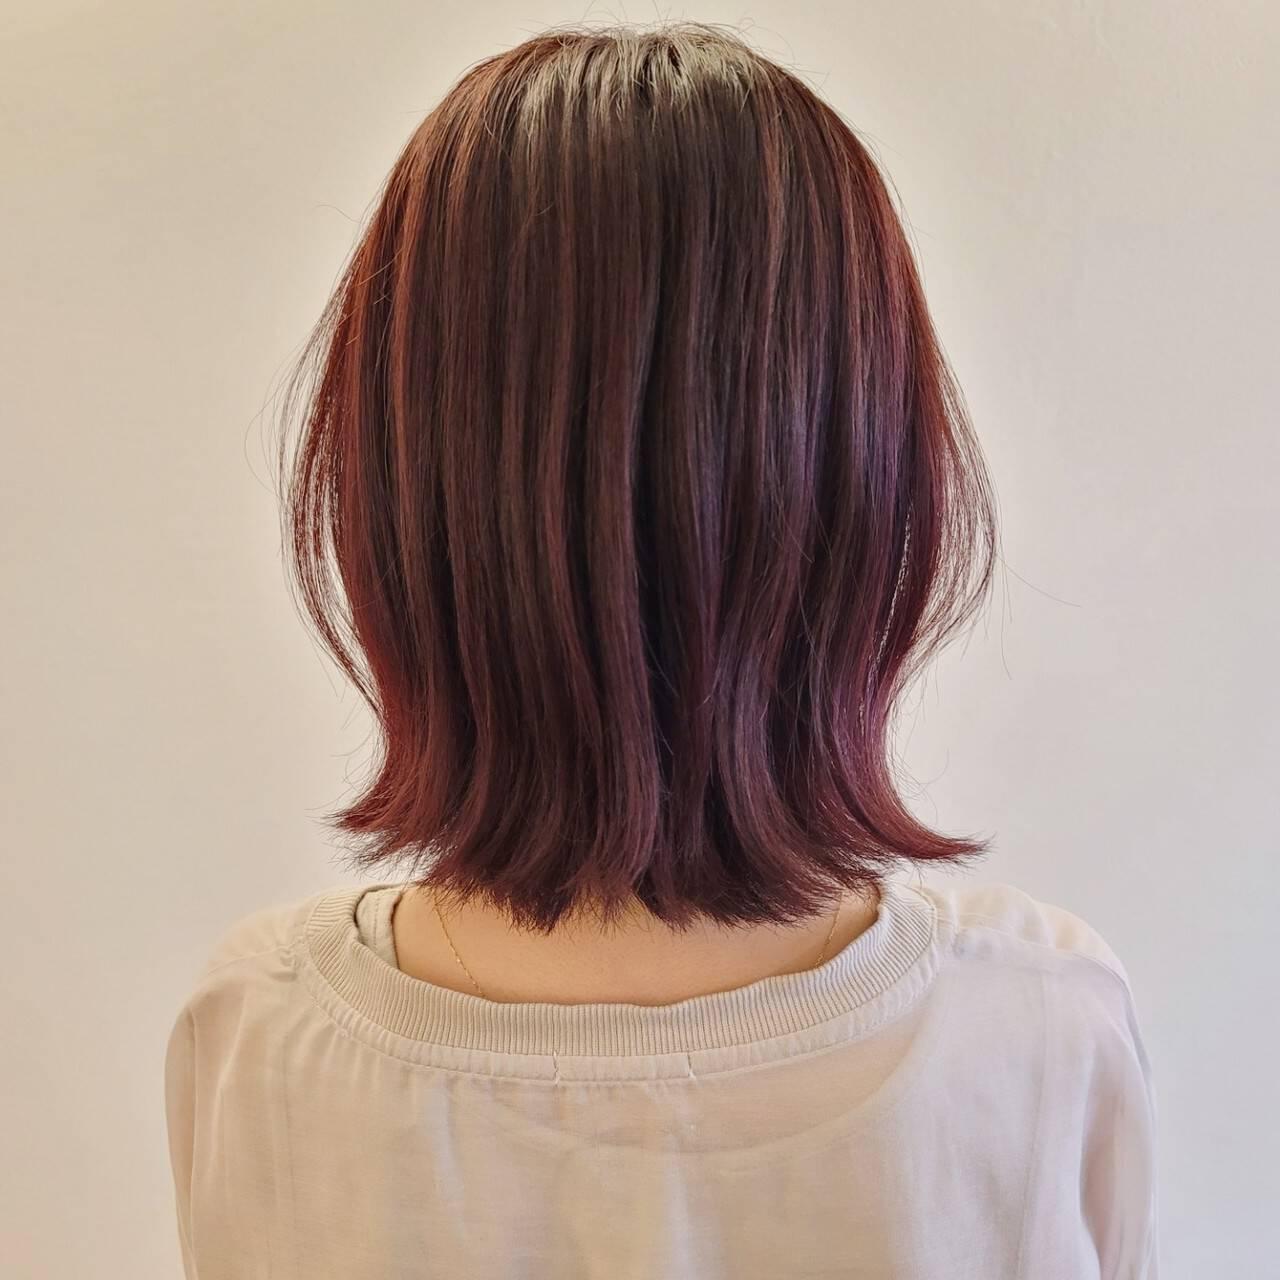 大人女子 ミディアム ピンク ラズベリーピンクヘアスタイルや髪型の写真・画像